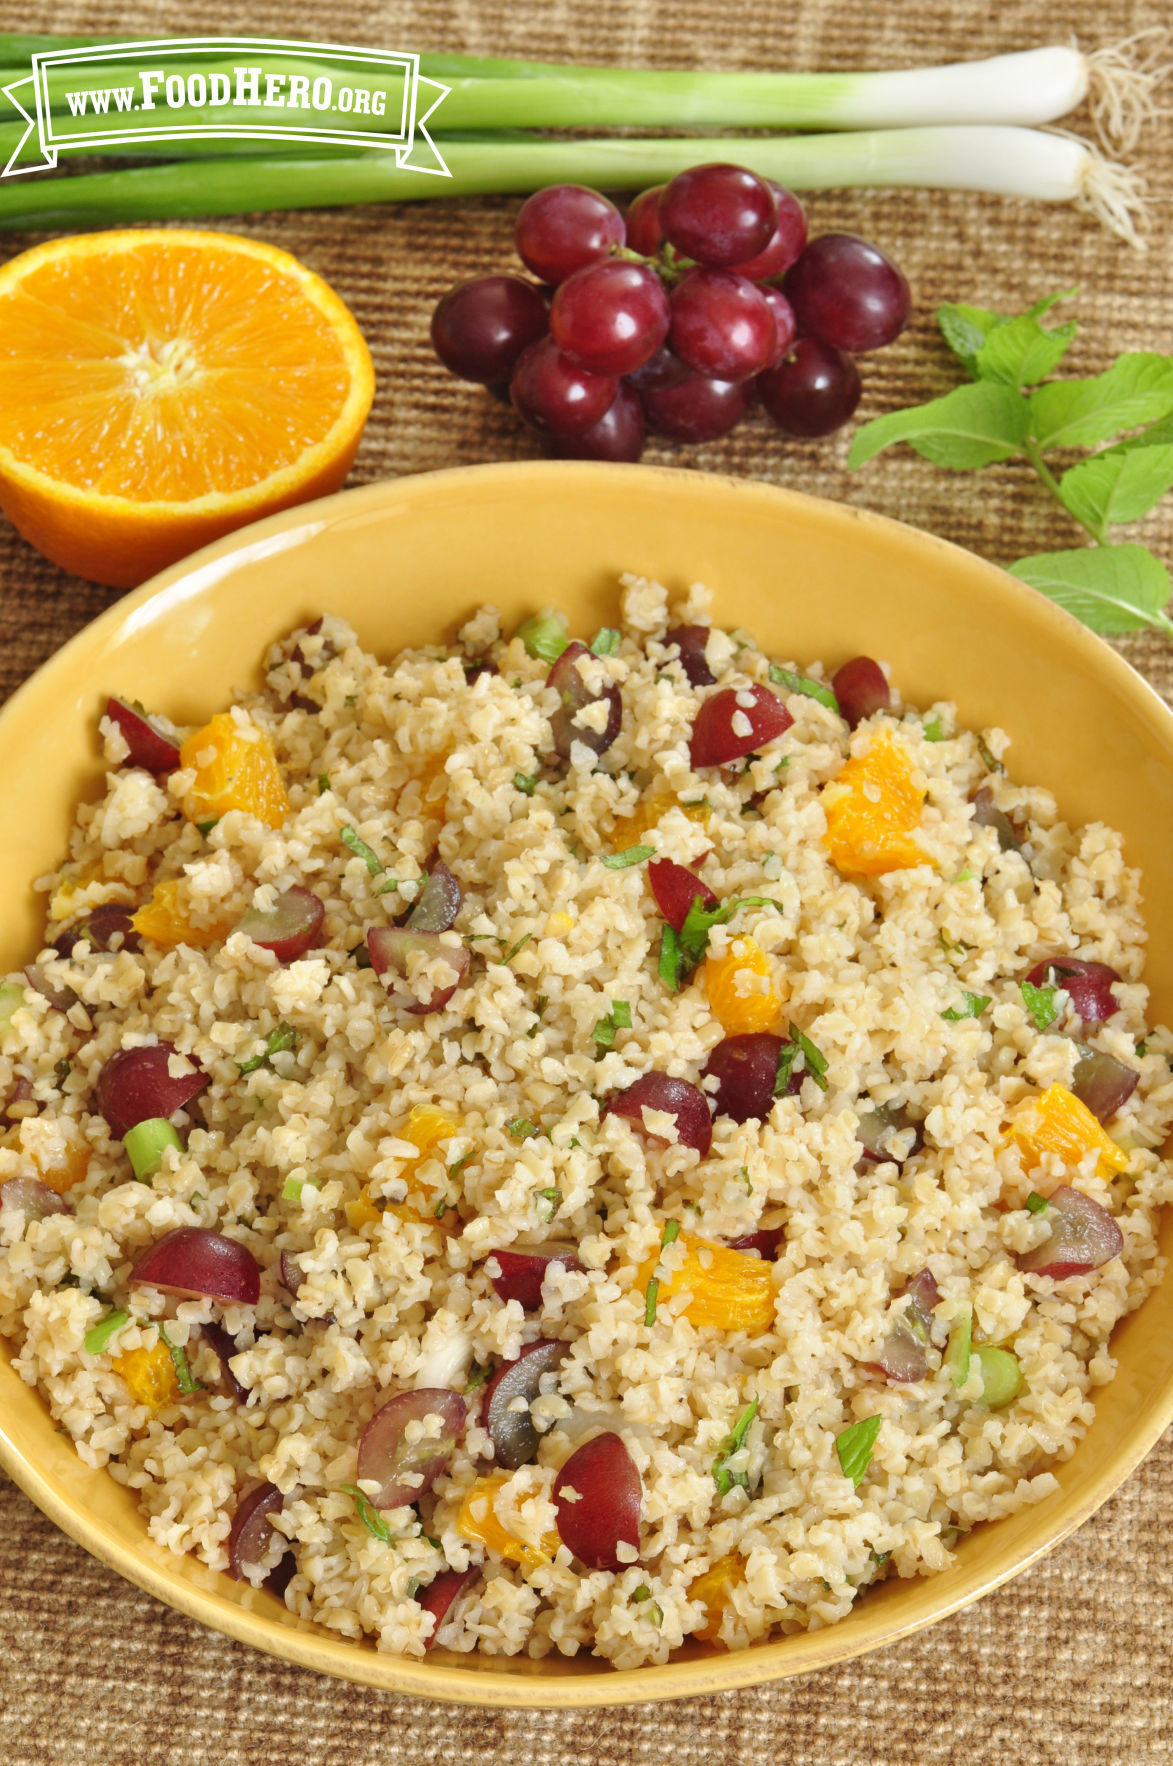 Fruited Tabbouleh Watermarked_V2.jpg